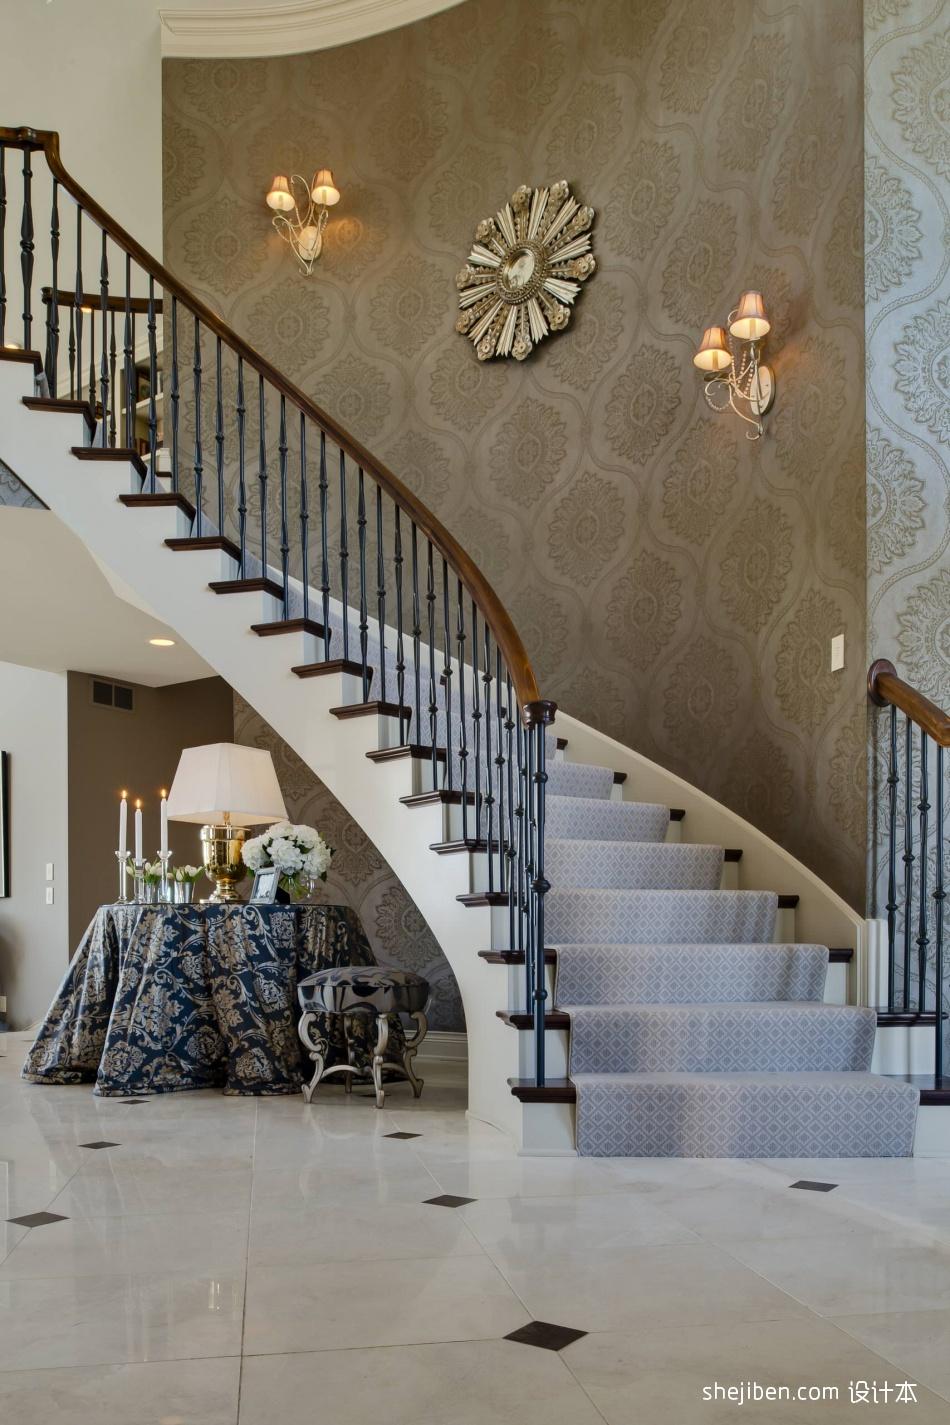 2017欧式风格别墅豪华装饰铁艺楼梯护栏装修效果图功能区1图潮流混搭功能区设计图片赏析